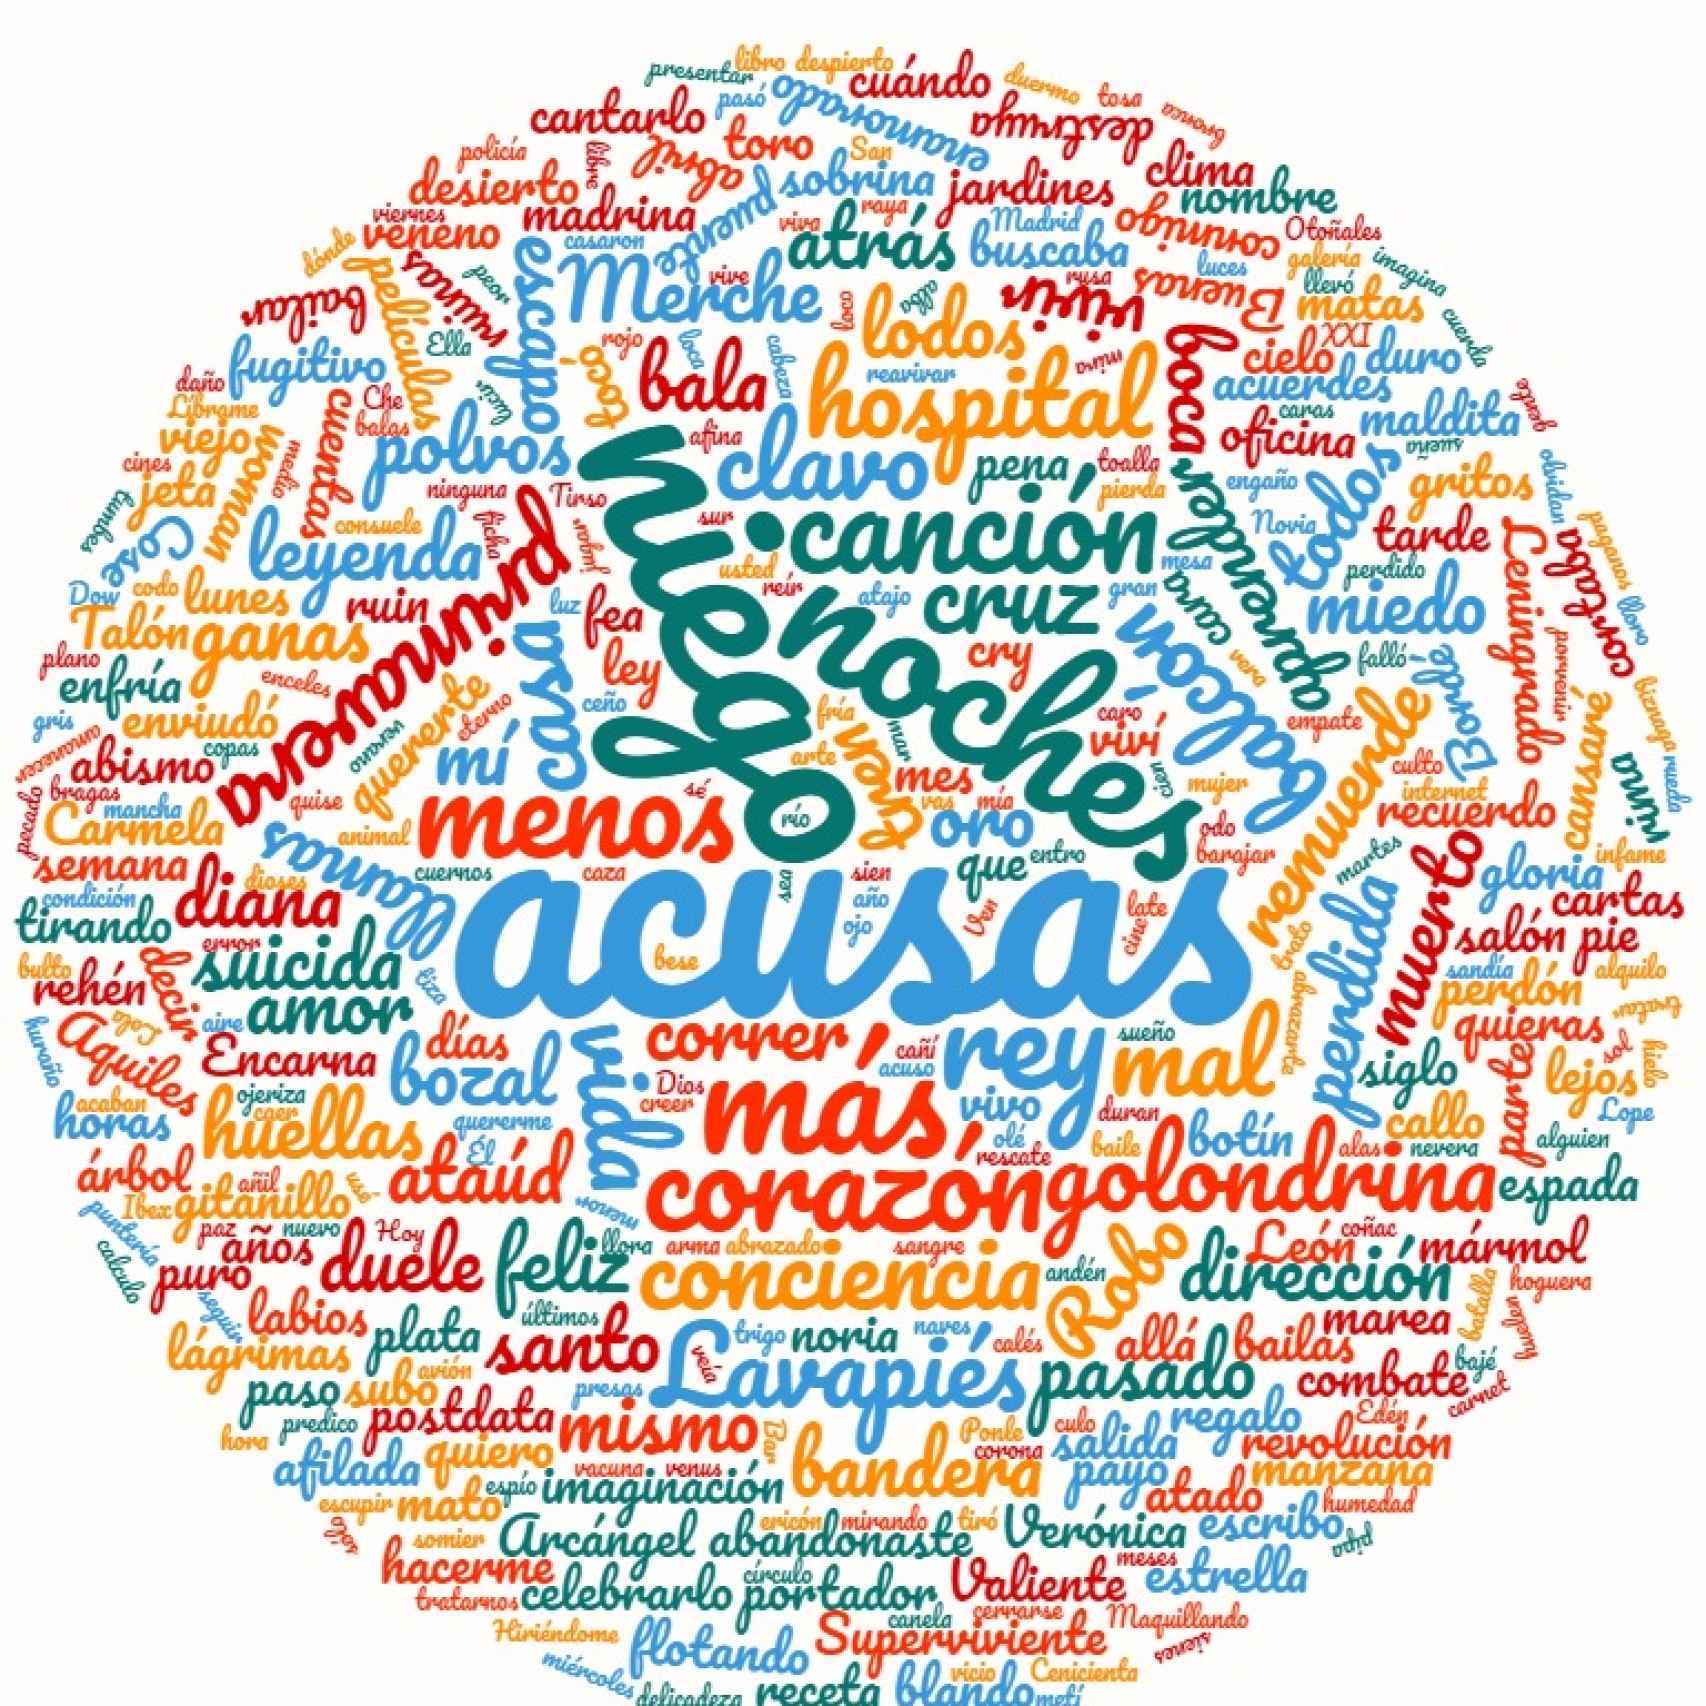 Mapa de las palabras más repetidas en Lo niego todo, el último disco de Joaquín Sabina.